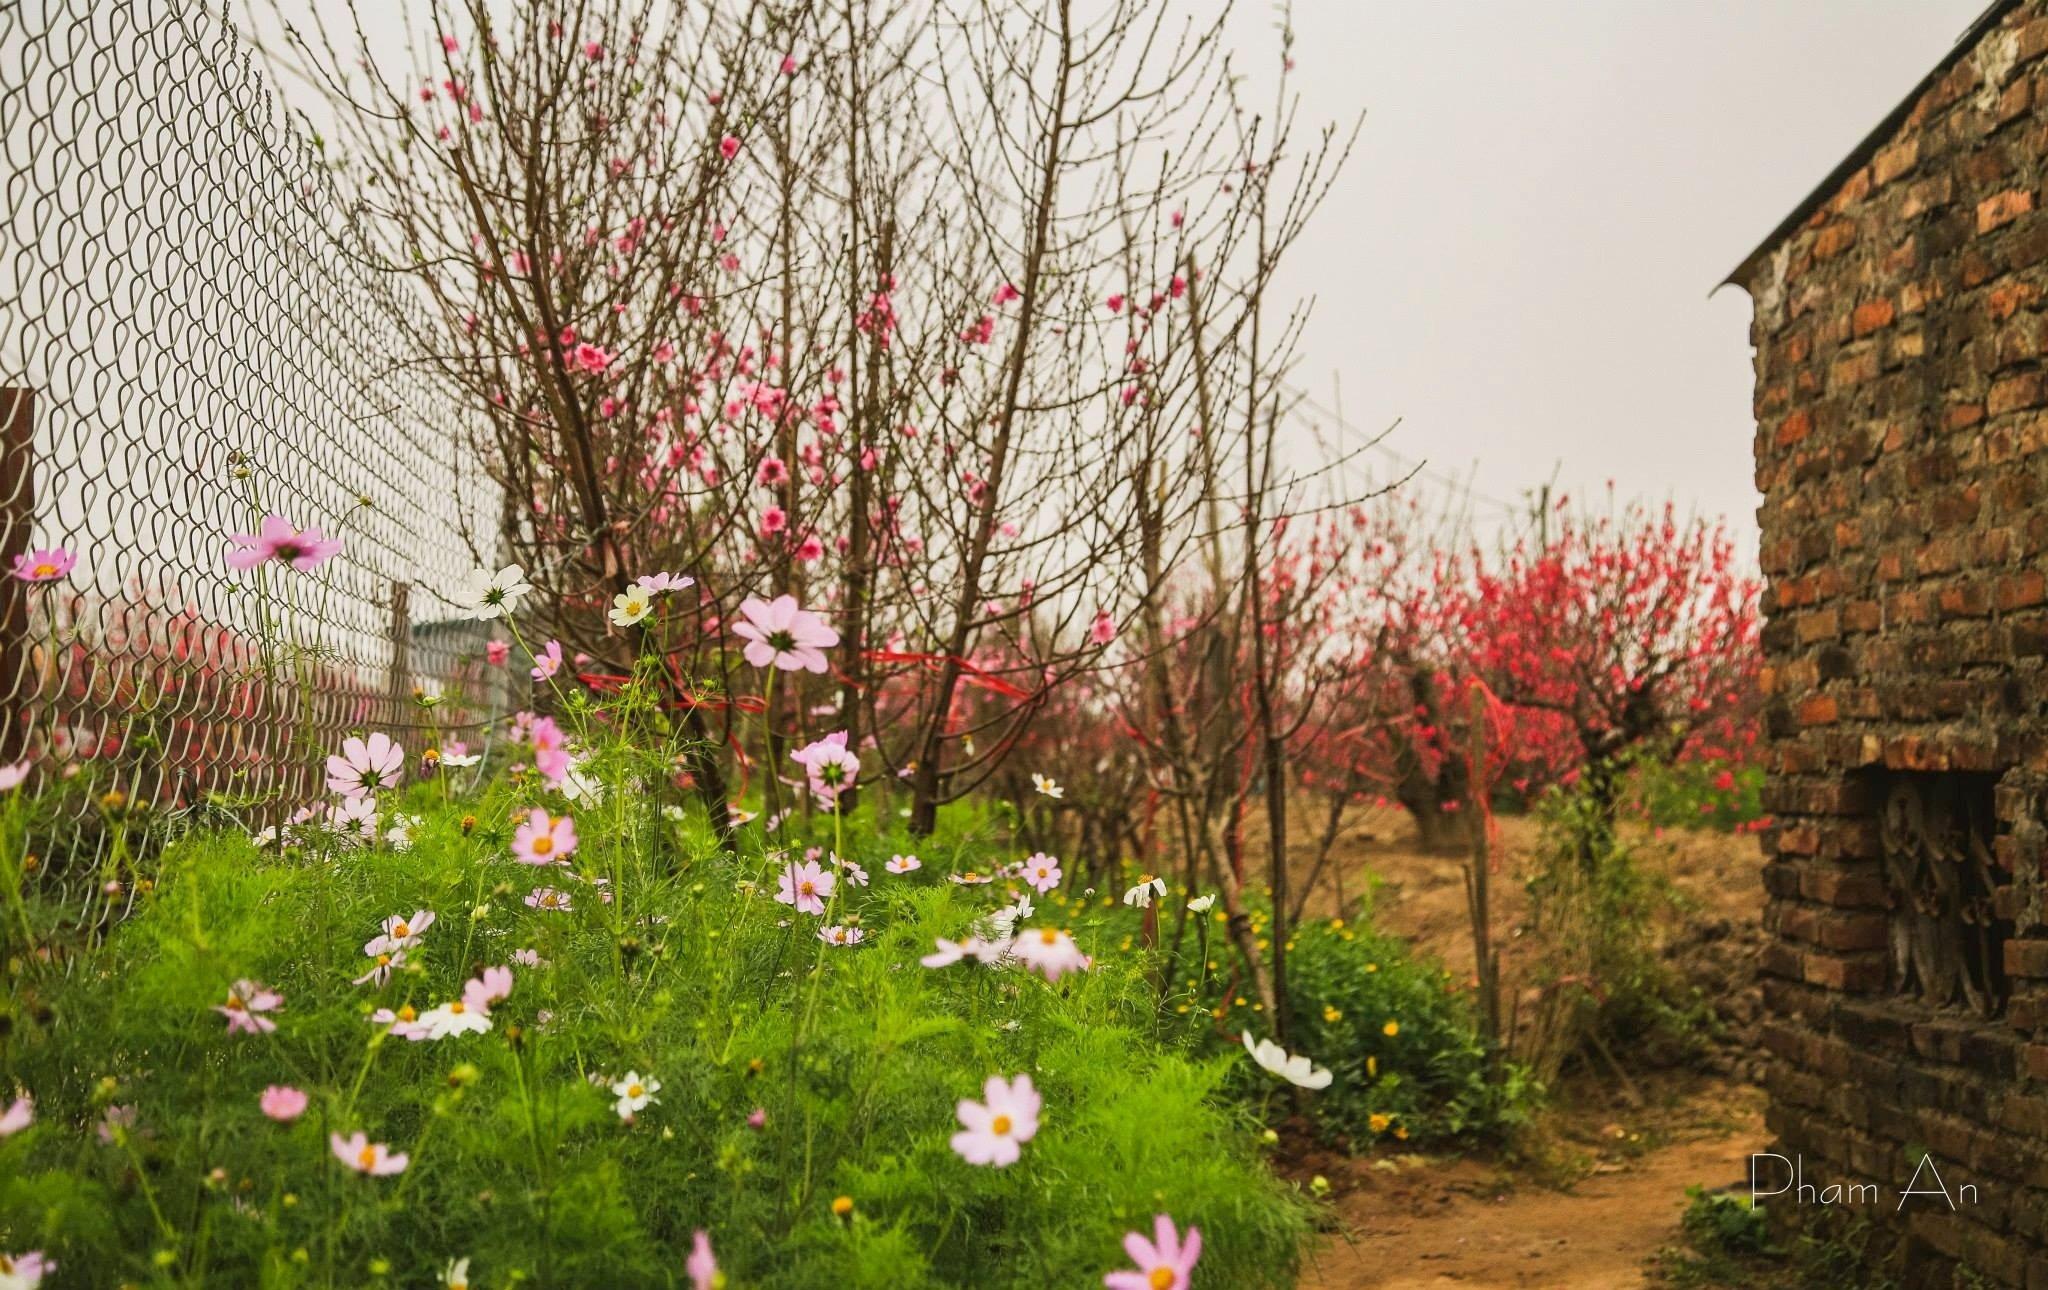 Người làng Nhật Tân cũng là những người đầu tiên tìm ra kỹ thuật ghép các giống đào với nhau, và giờ họ vẫn sống với cái nghề đó.